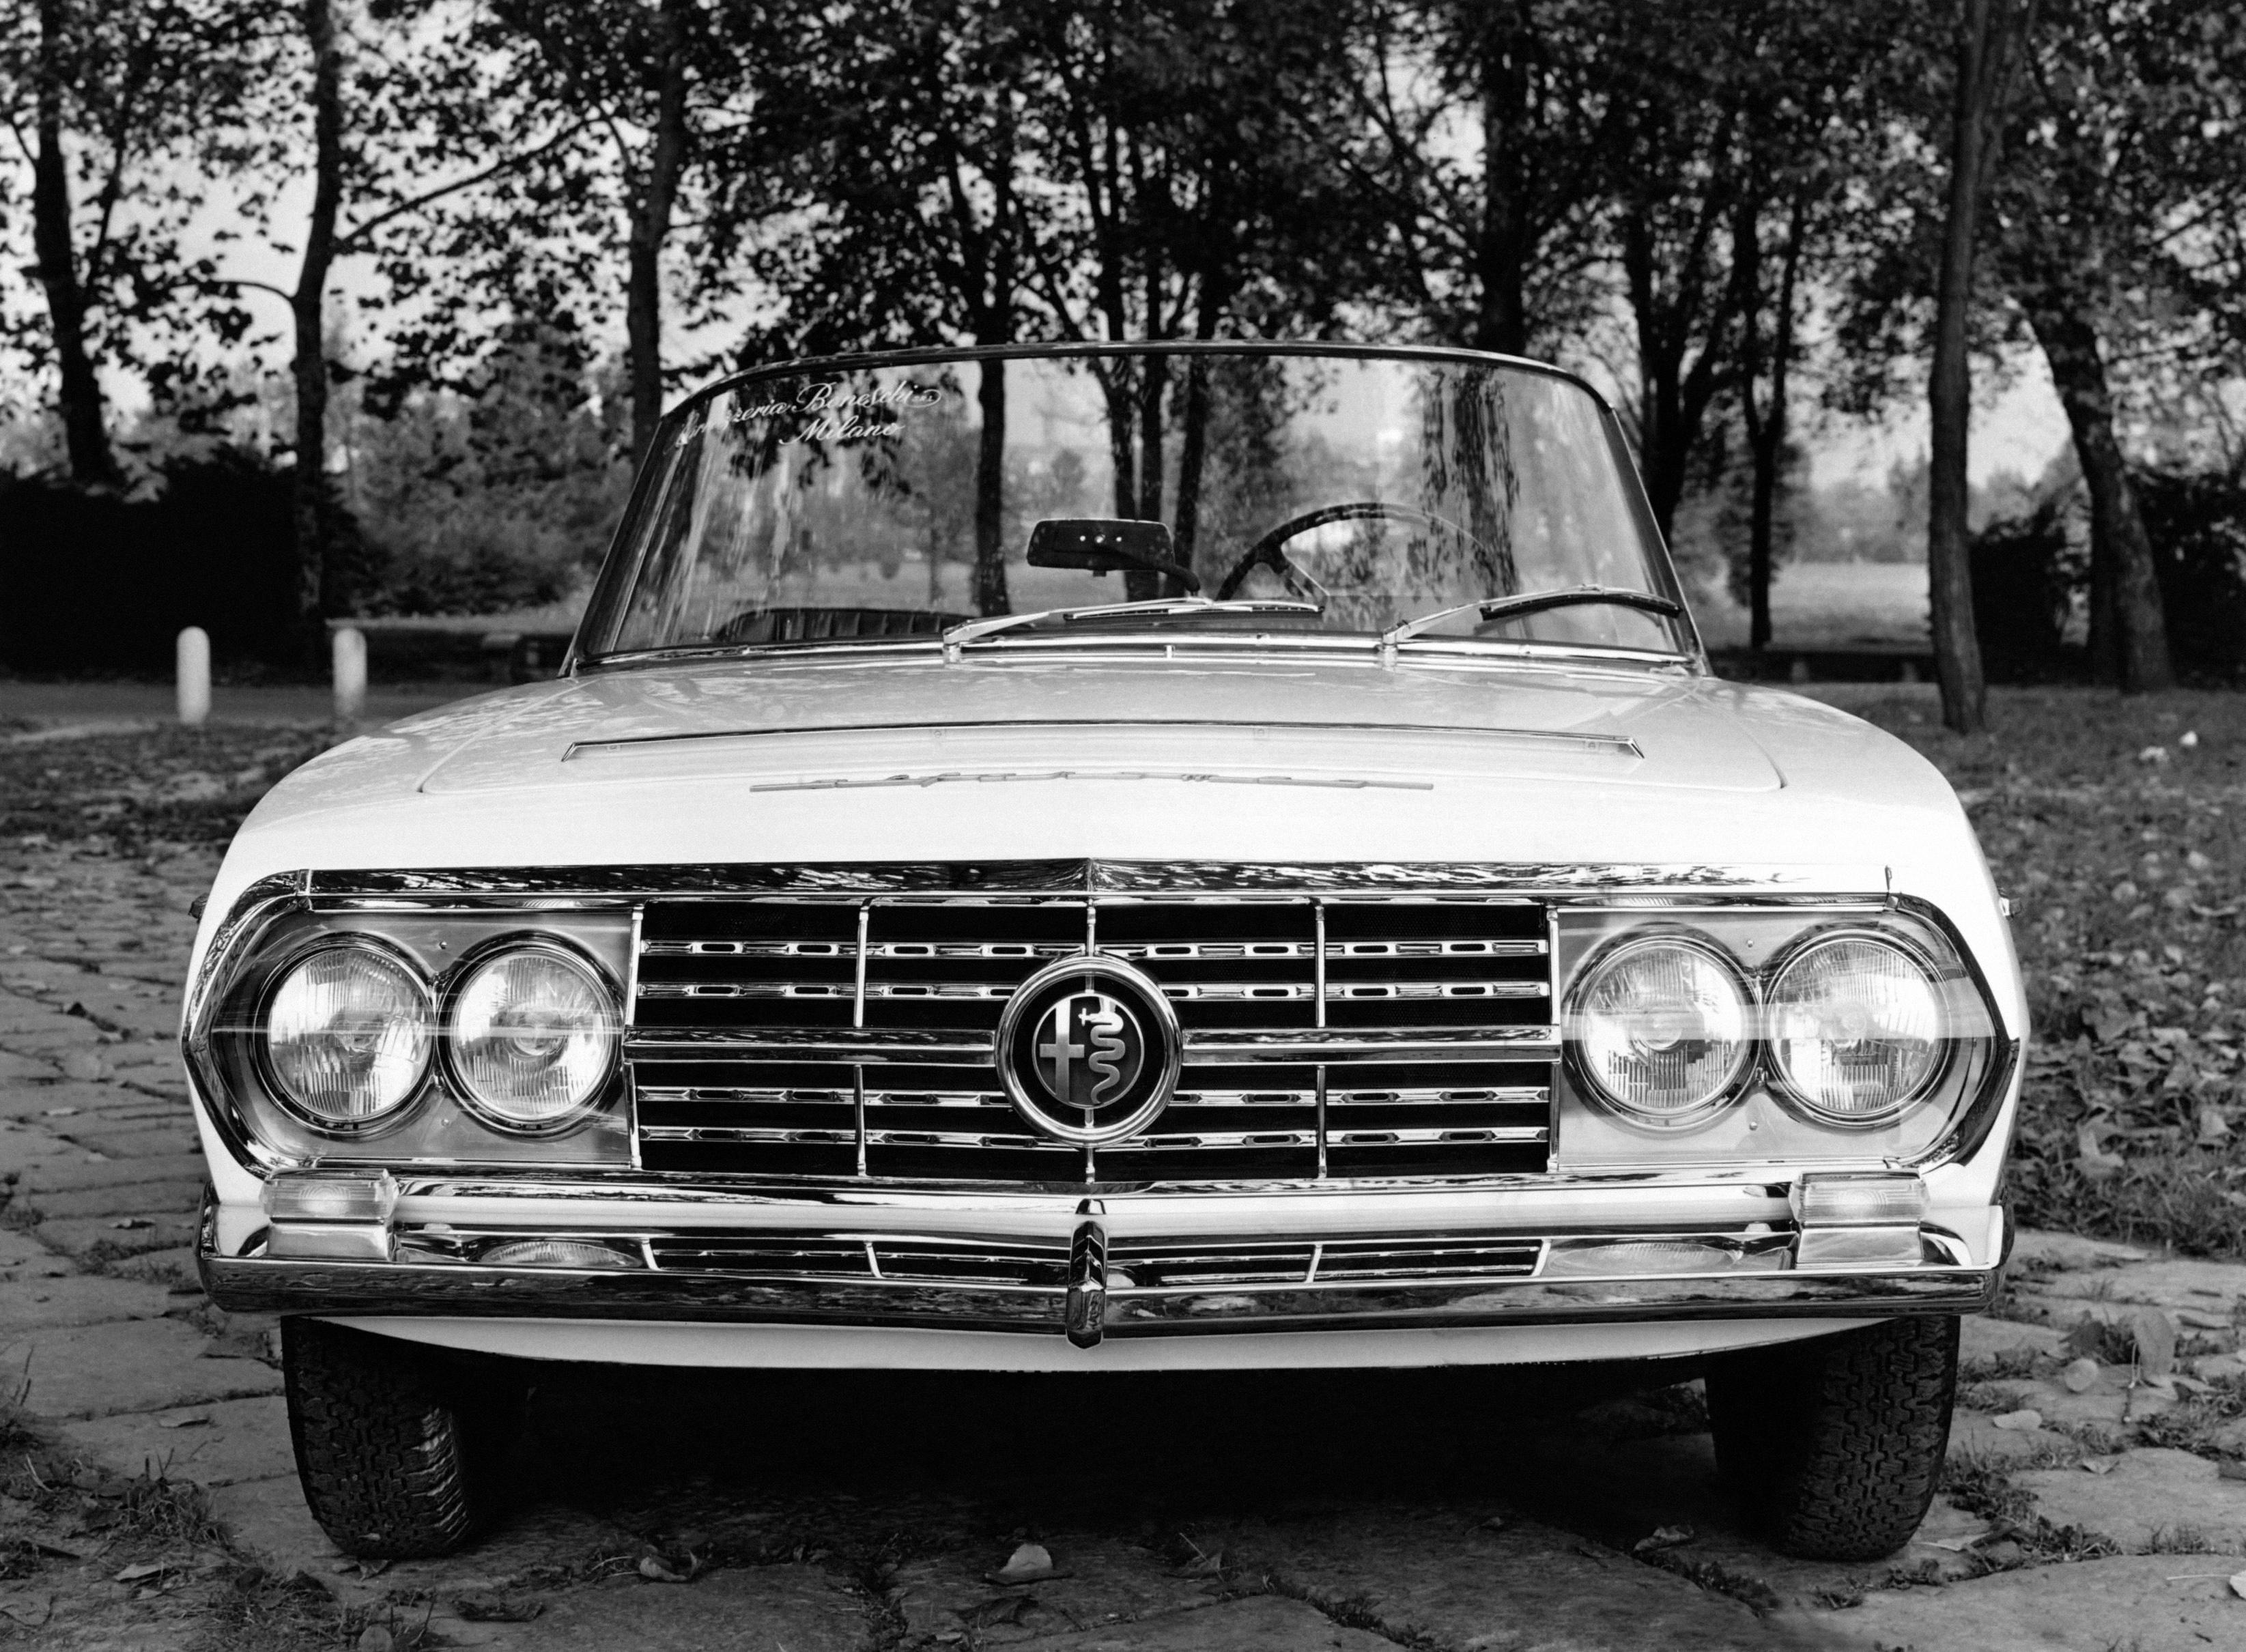 1963-Boneschi-Alfa-Romeo-2600-Cabriolet-Studionove-03